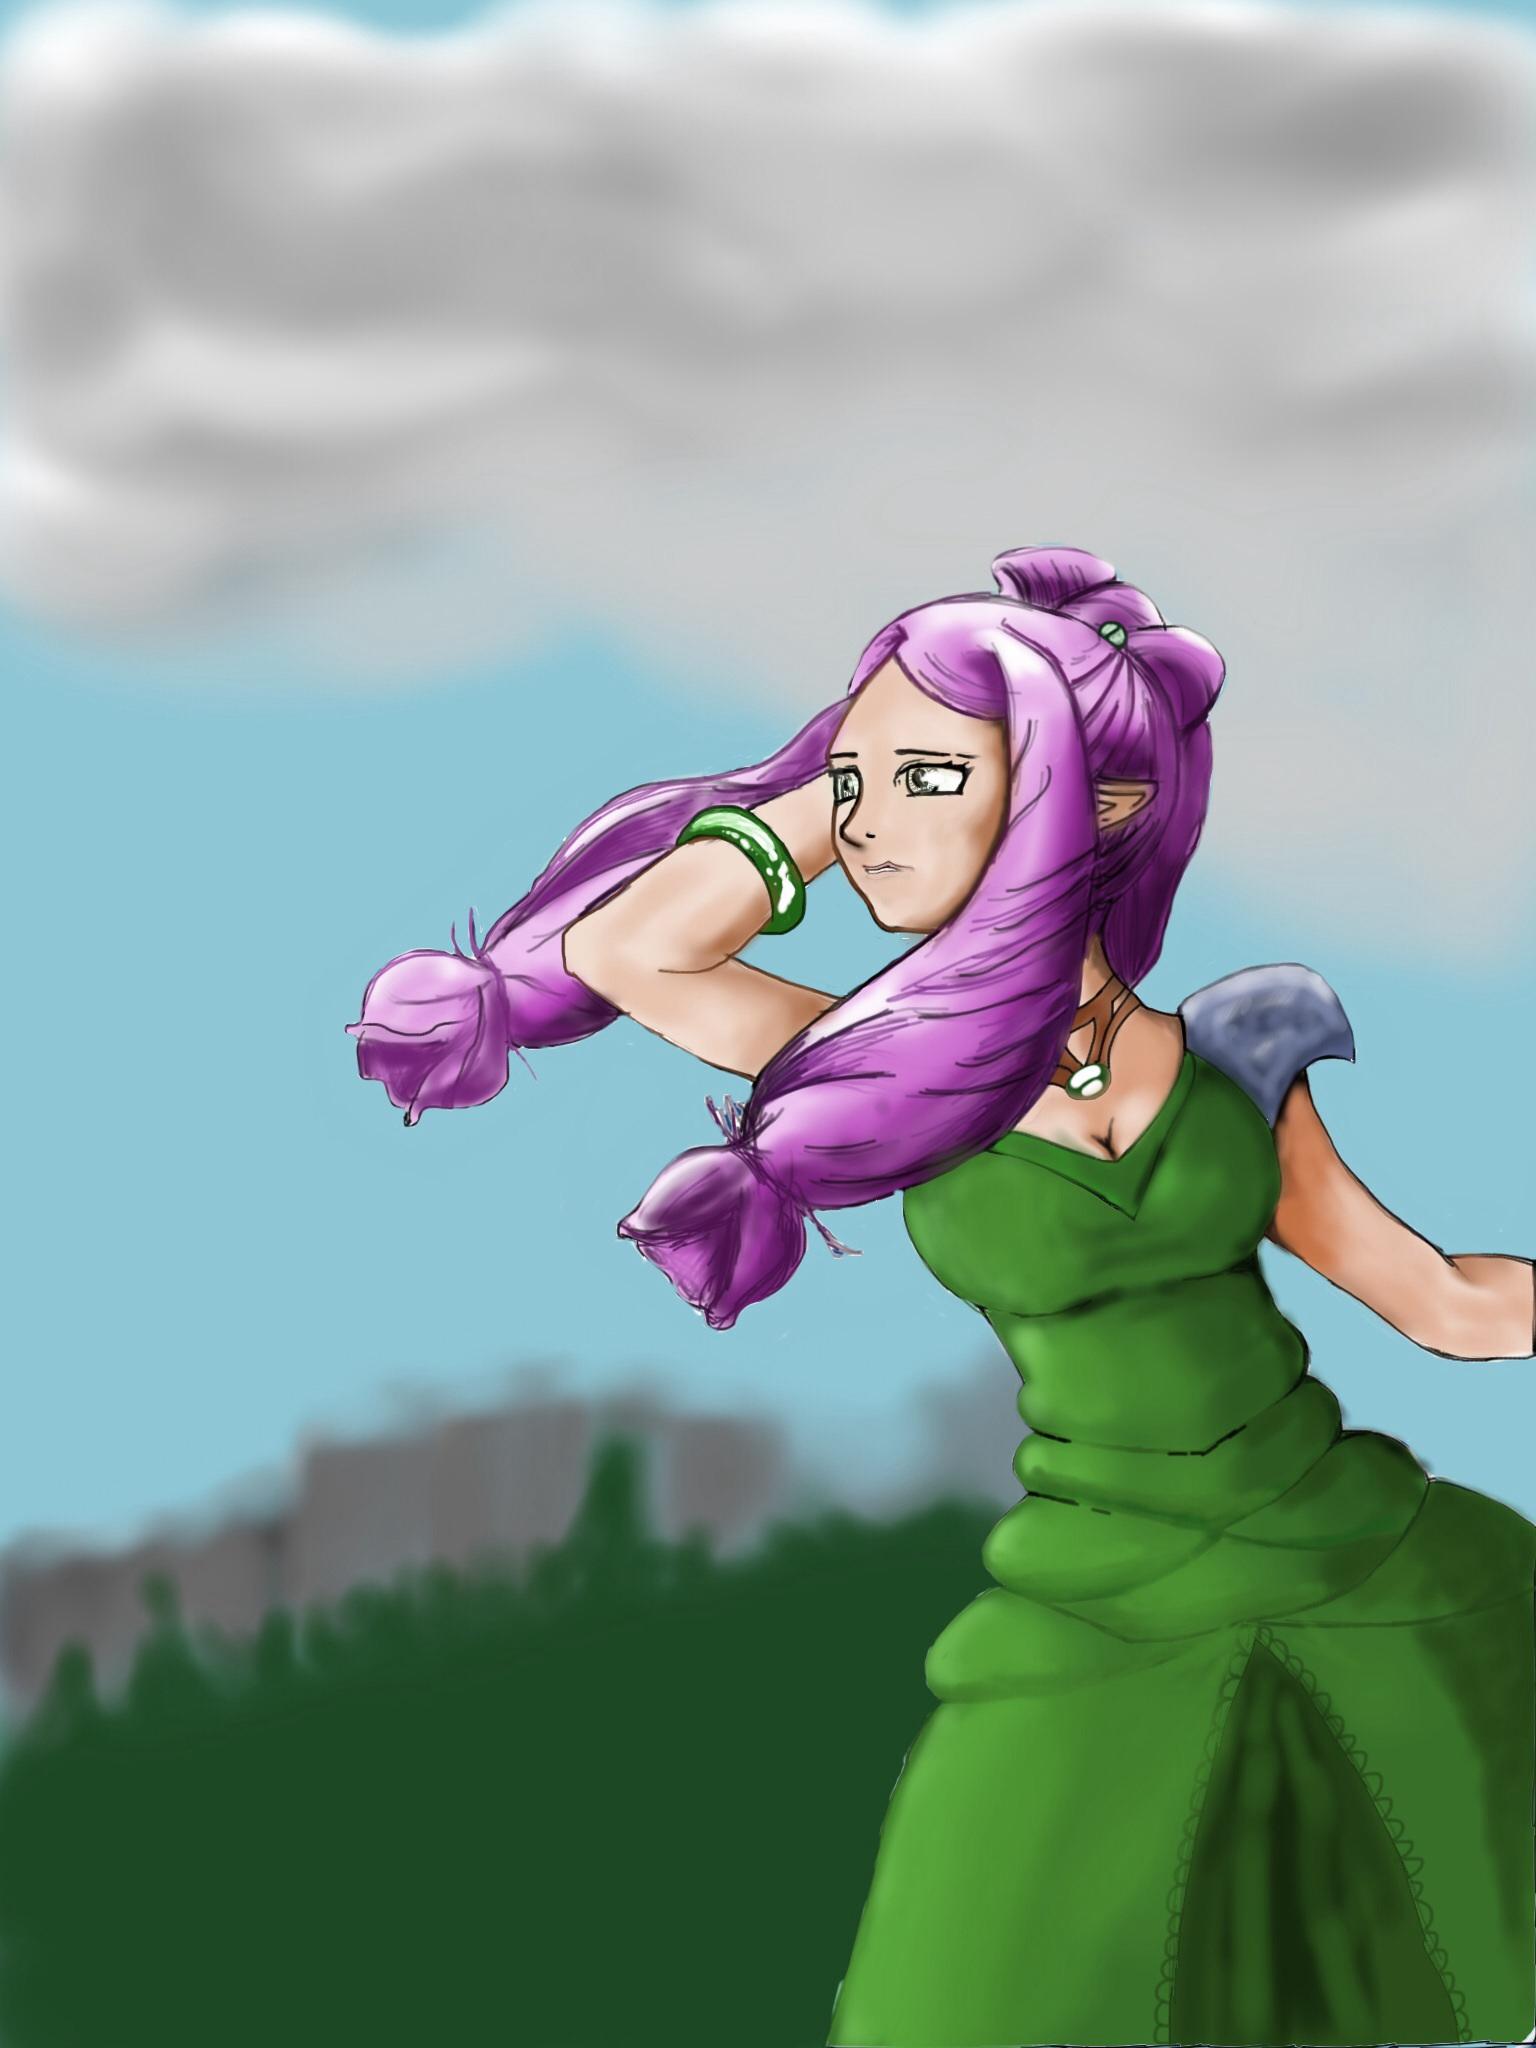 Tess from blade dancer